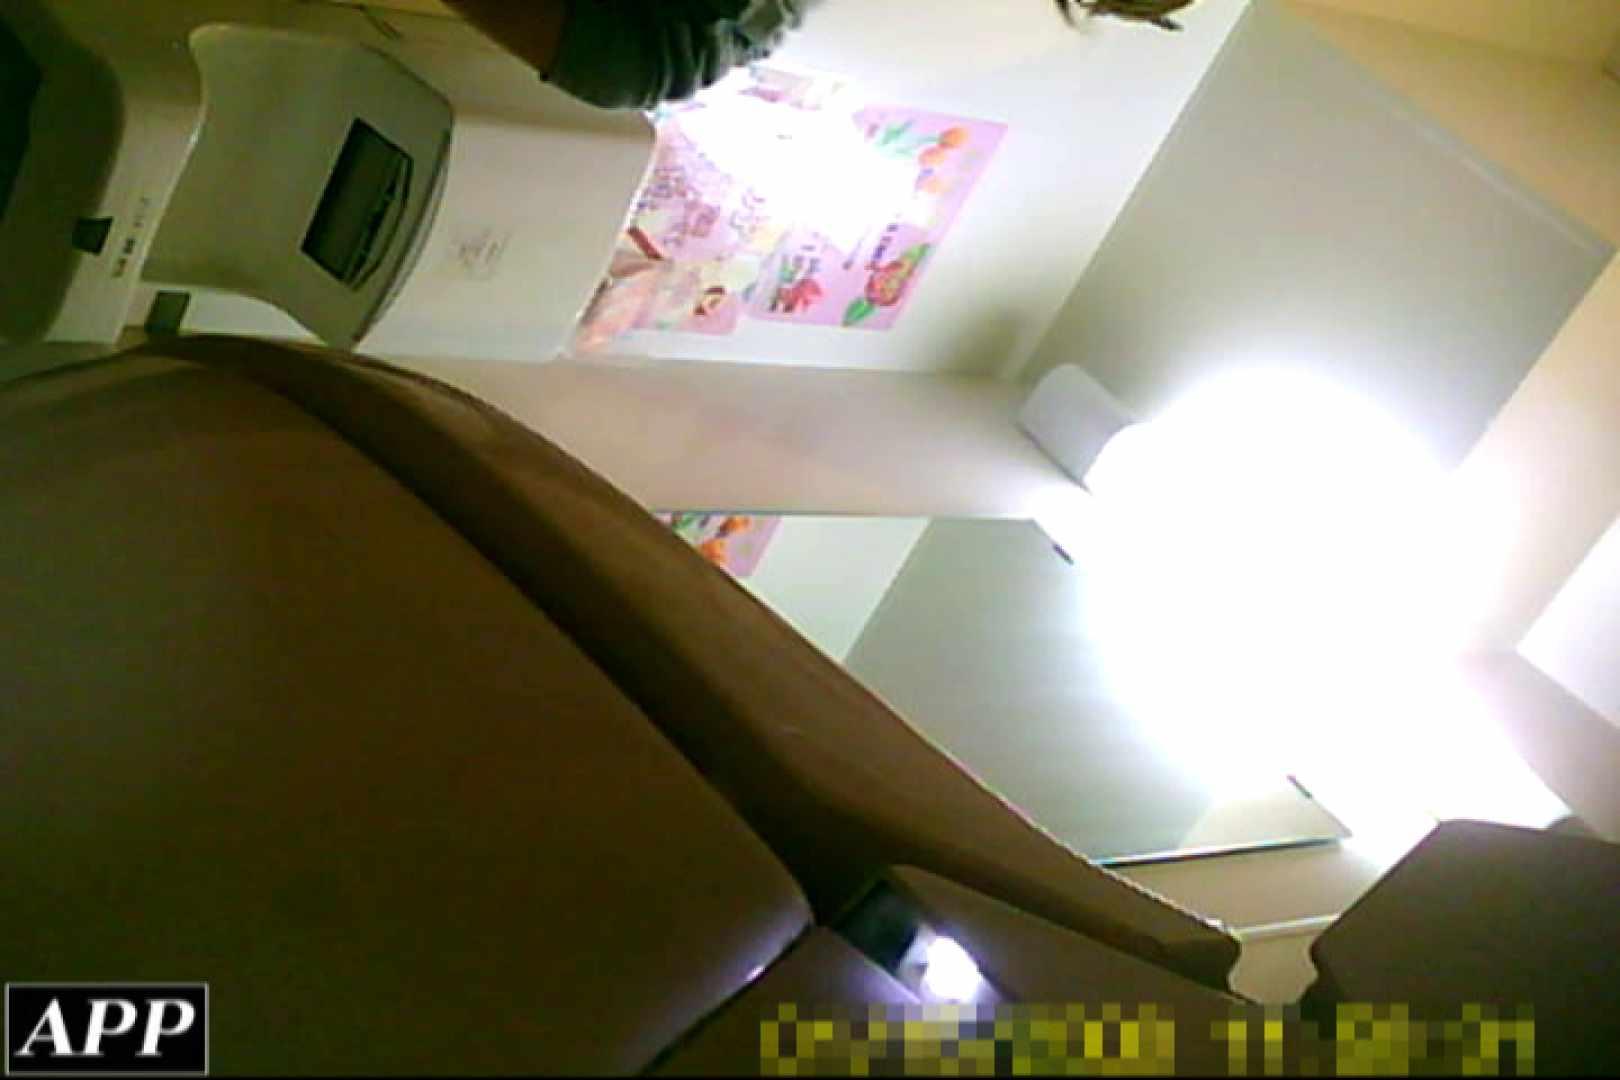 3視点洗面所 vol.125 オマンコもろ オメコ無修正動画無料 79PIX 12